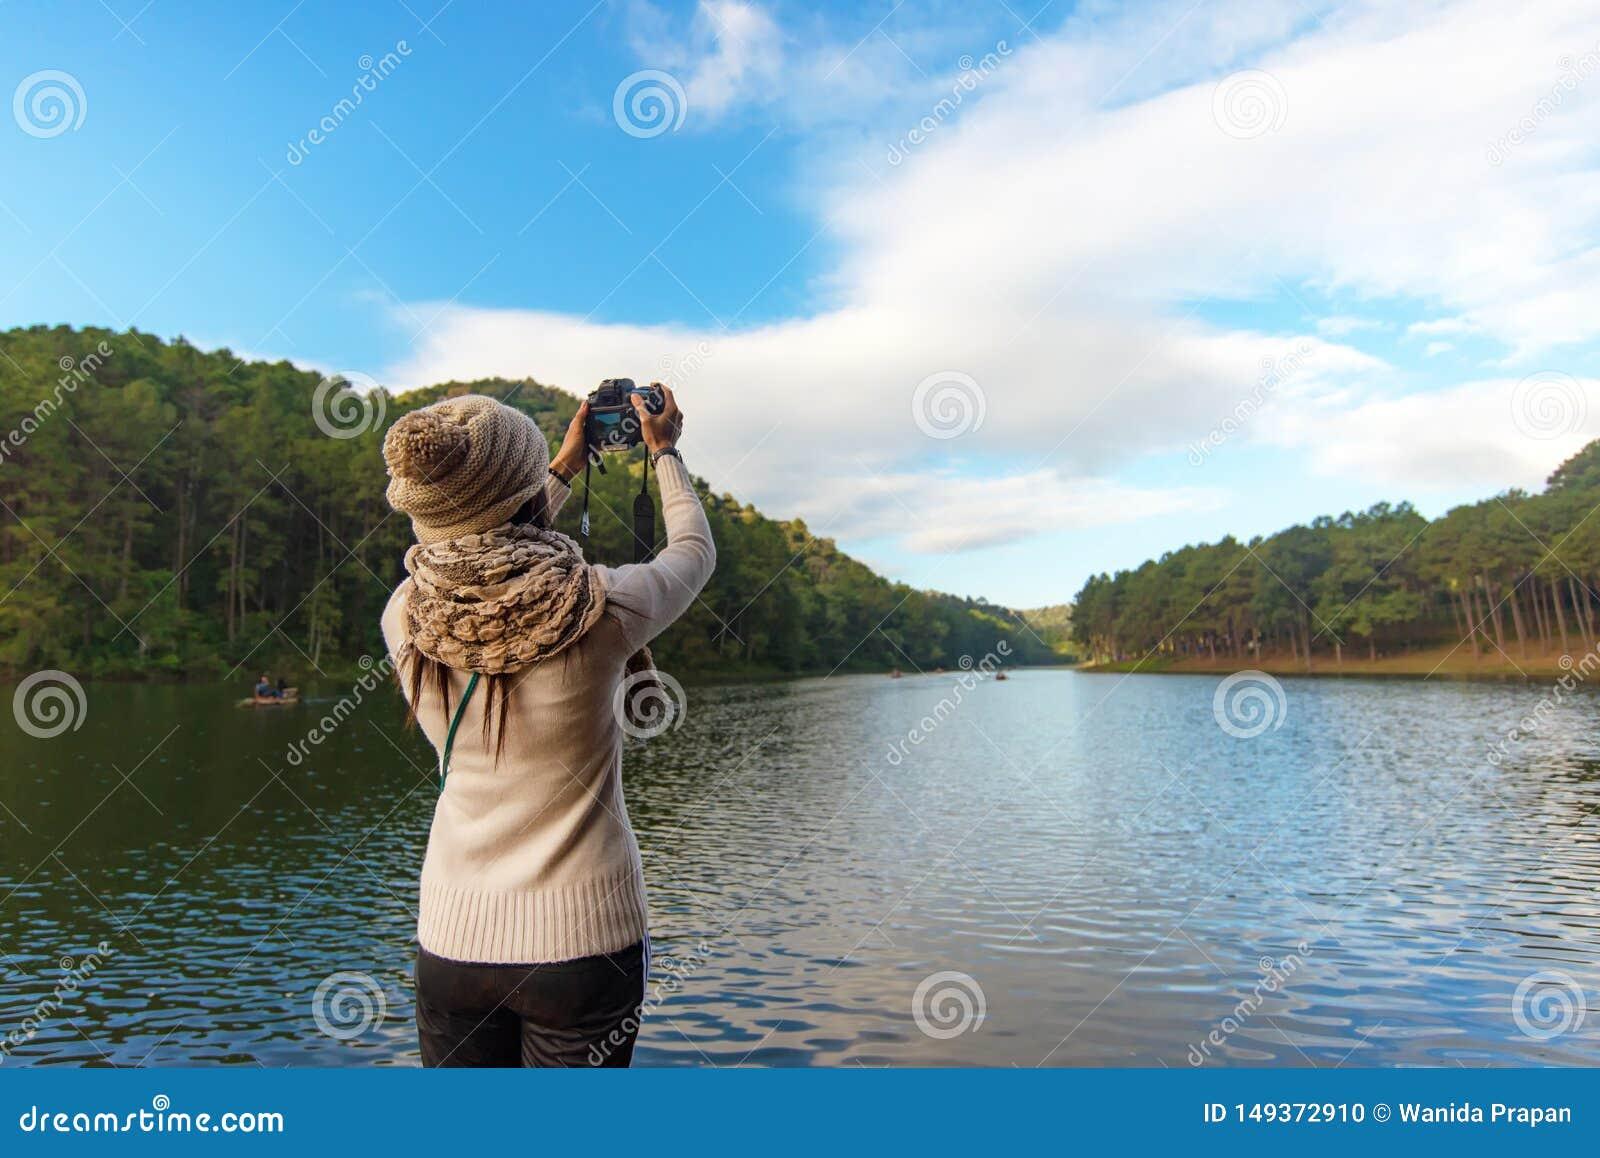 Οι ταξιδιωτικές γυναίκες που το ευτυχές αγαθό ελευθερίας αισθήματος χαλαρώνει και παίρνει μια φωτογραφία στο πεζούλι στο θέρετρο